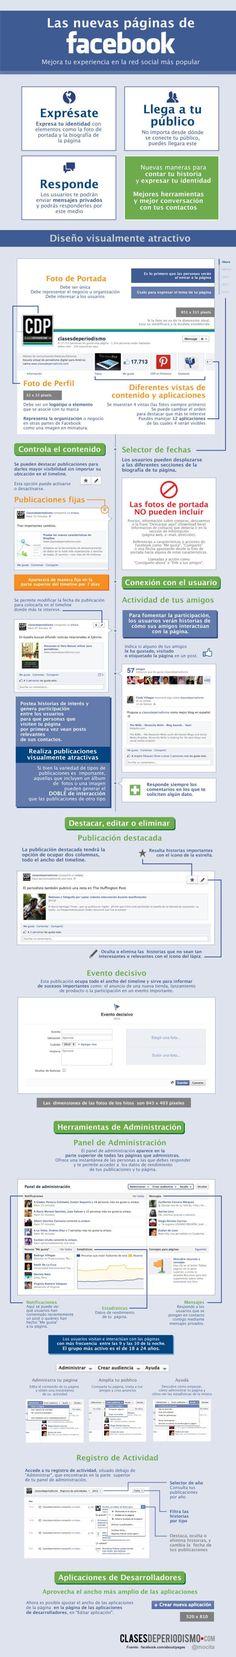 Recopilatorio para la adaptación al nuevo Facebook 2012 #infografia en español